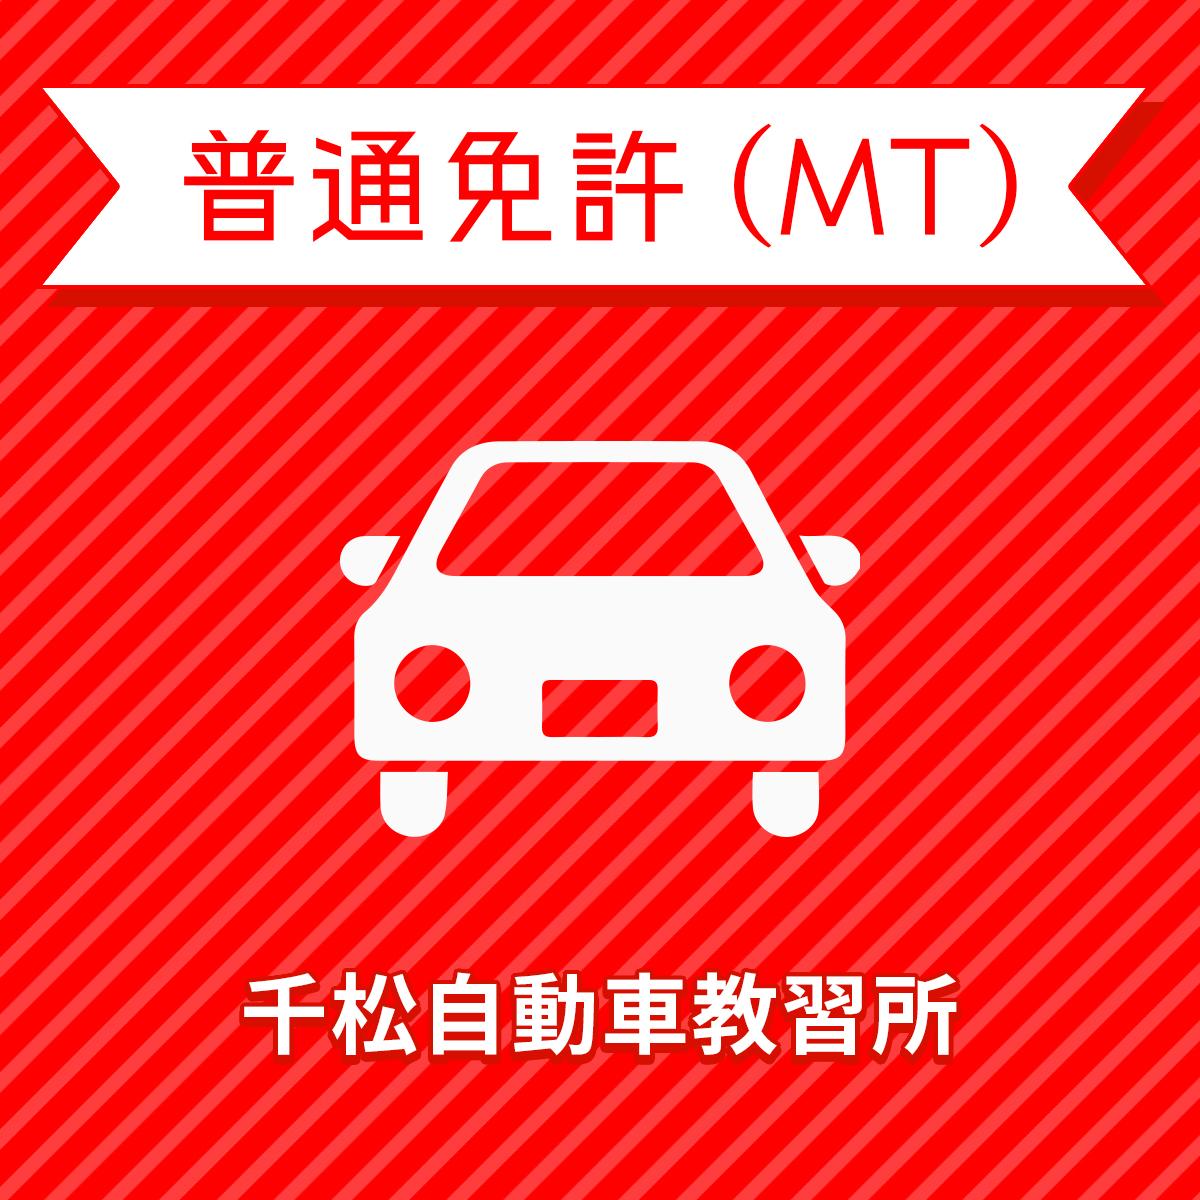 【徳島県徳島市】普通車MTコース<免許なし/原付免許所持対象>